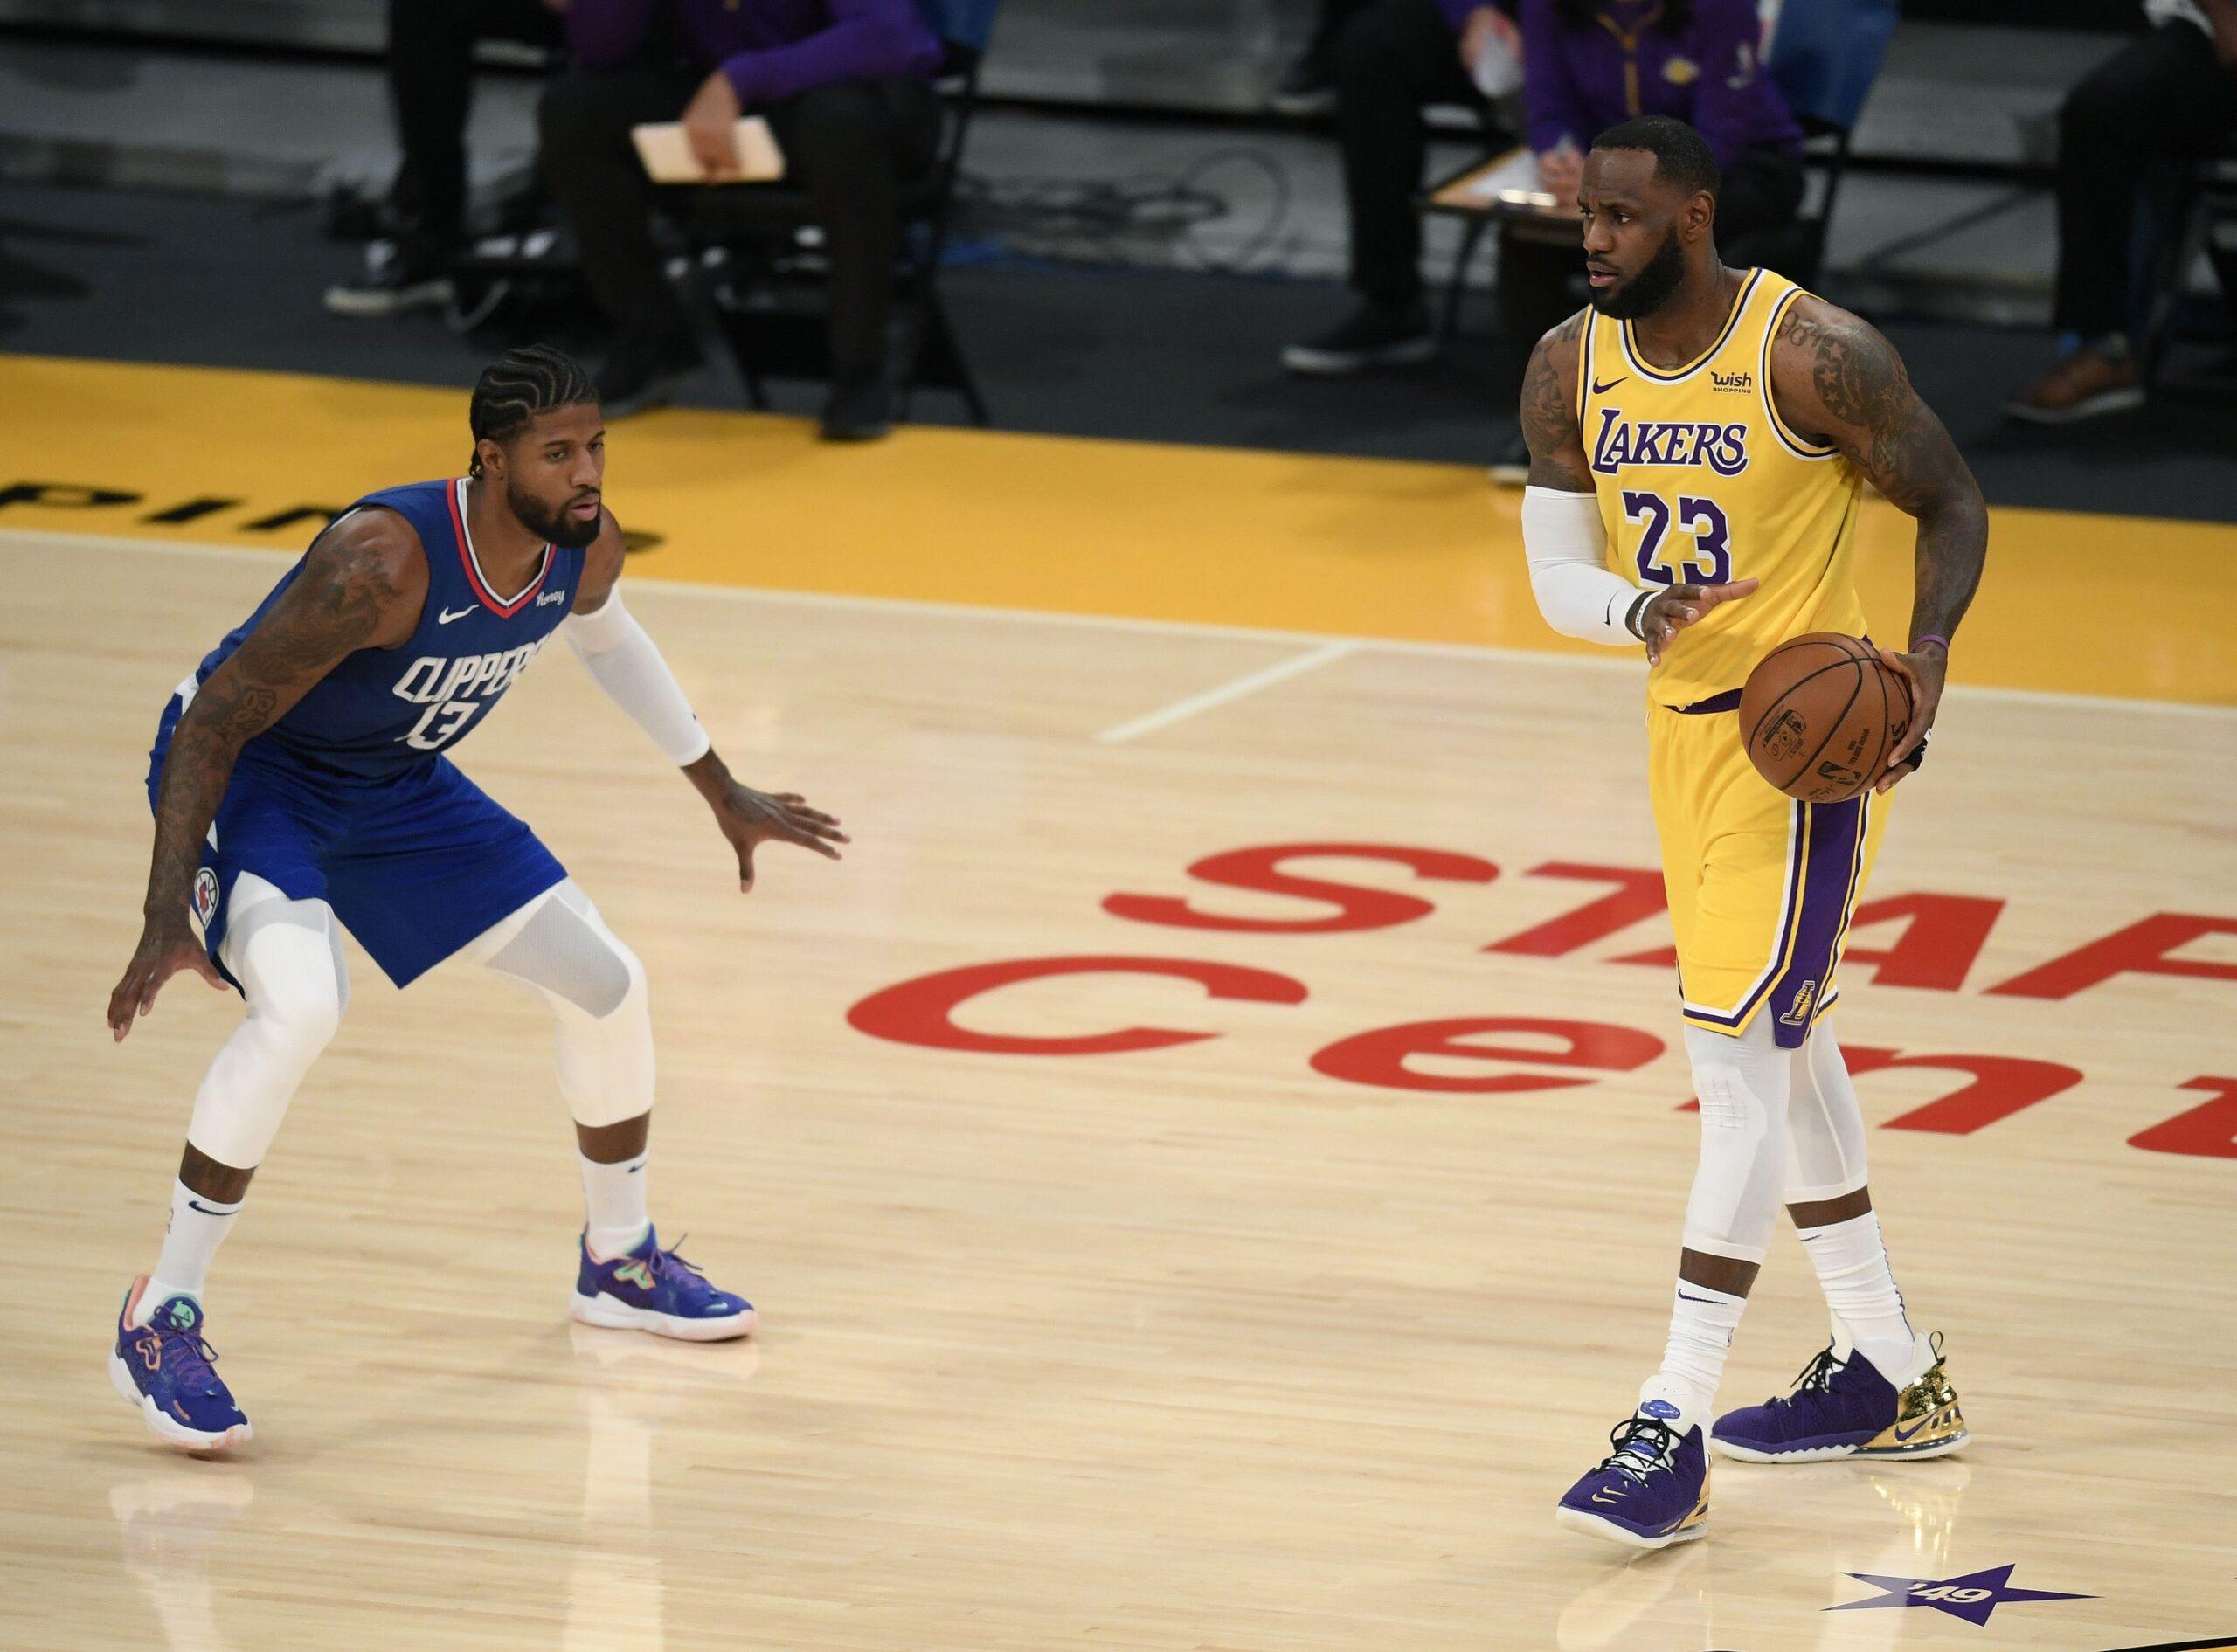 NBA – Los Angeles a Natale sei bellissima: Lakers e Clippers vincono facile su Dallas e Denver